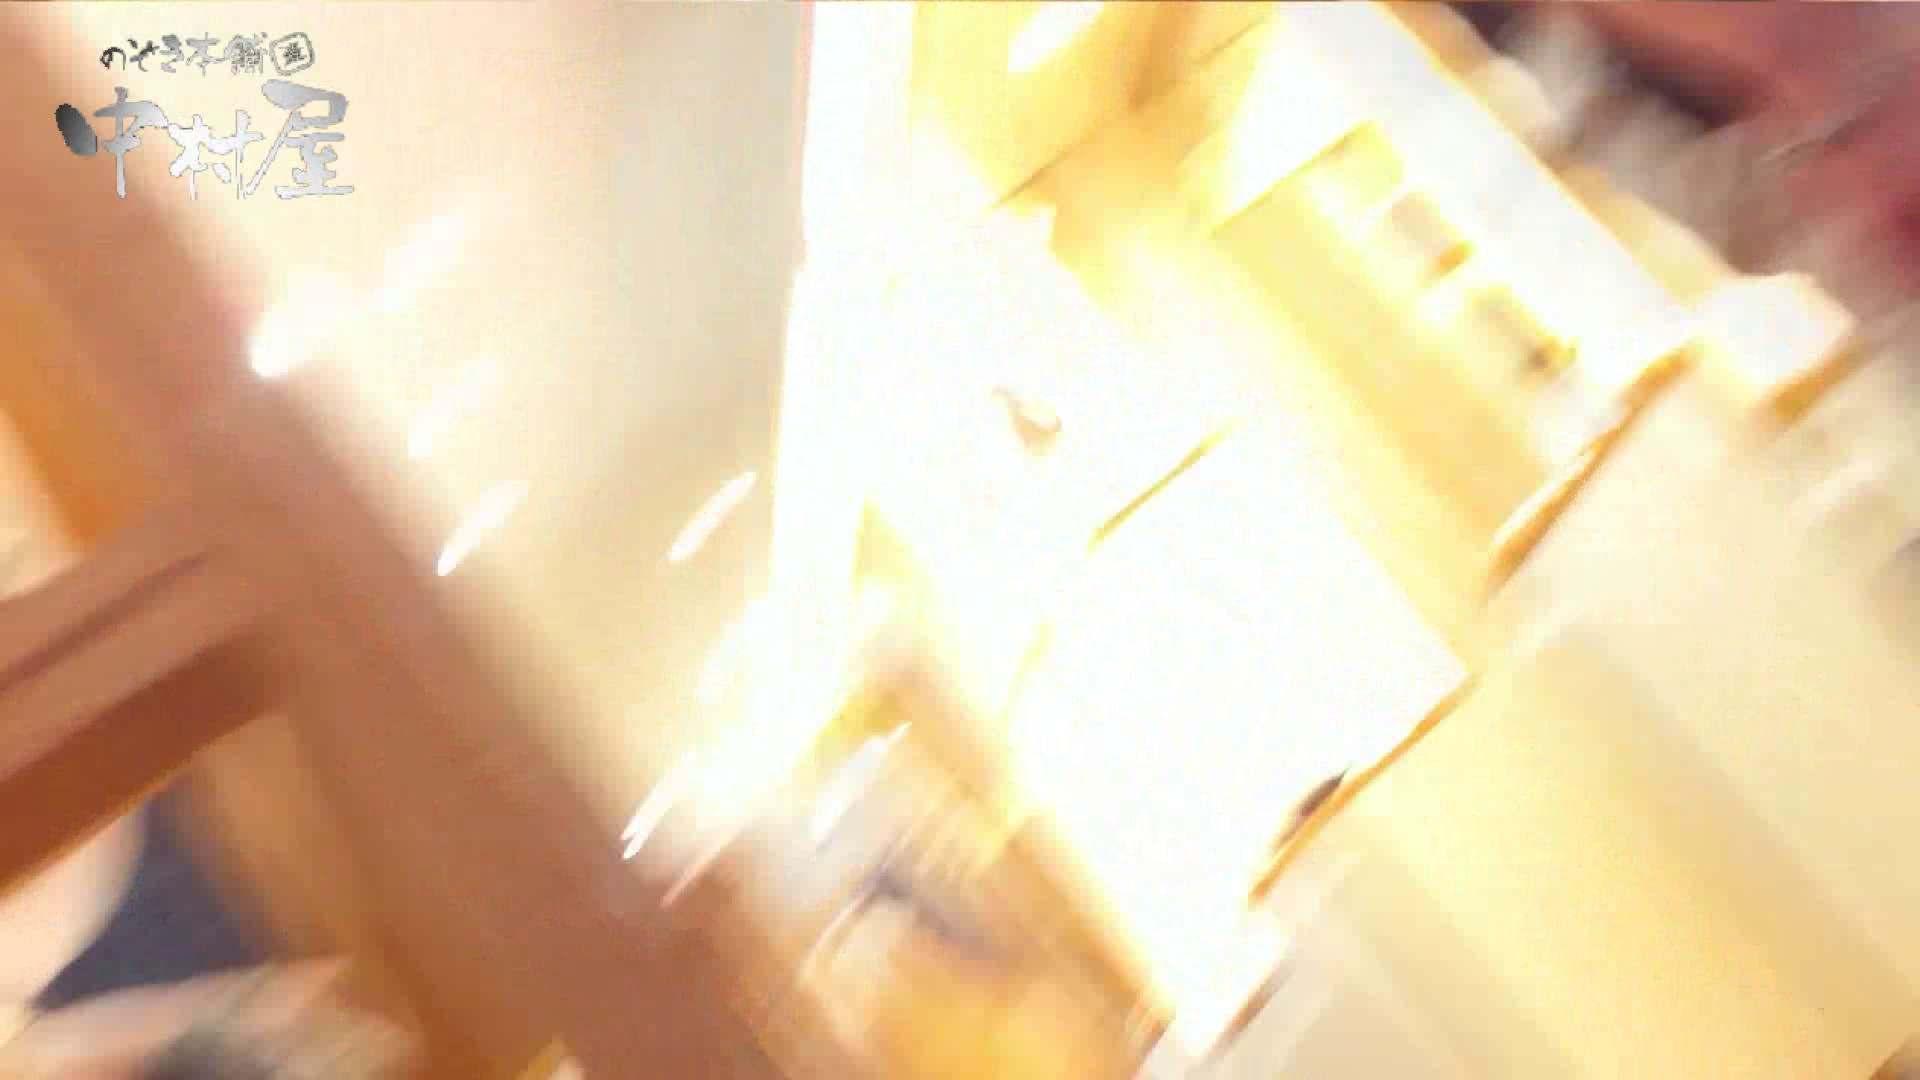 vol.65 美人アパレル胸チラ&パンチラ ムッチリ感がいい感じ花がらパンツさん チラ | 胸チラ  95PIX 33